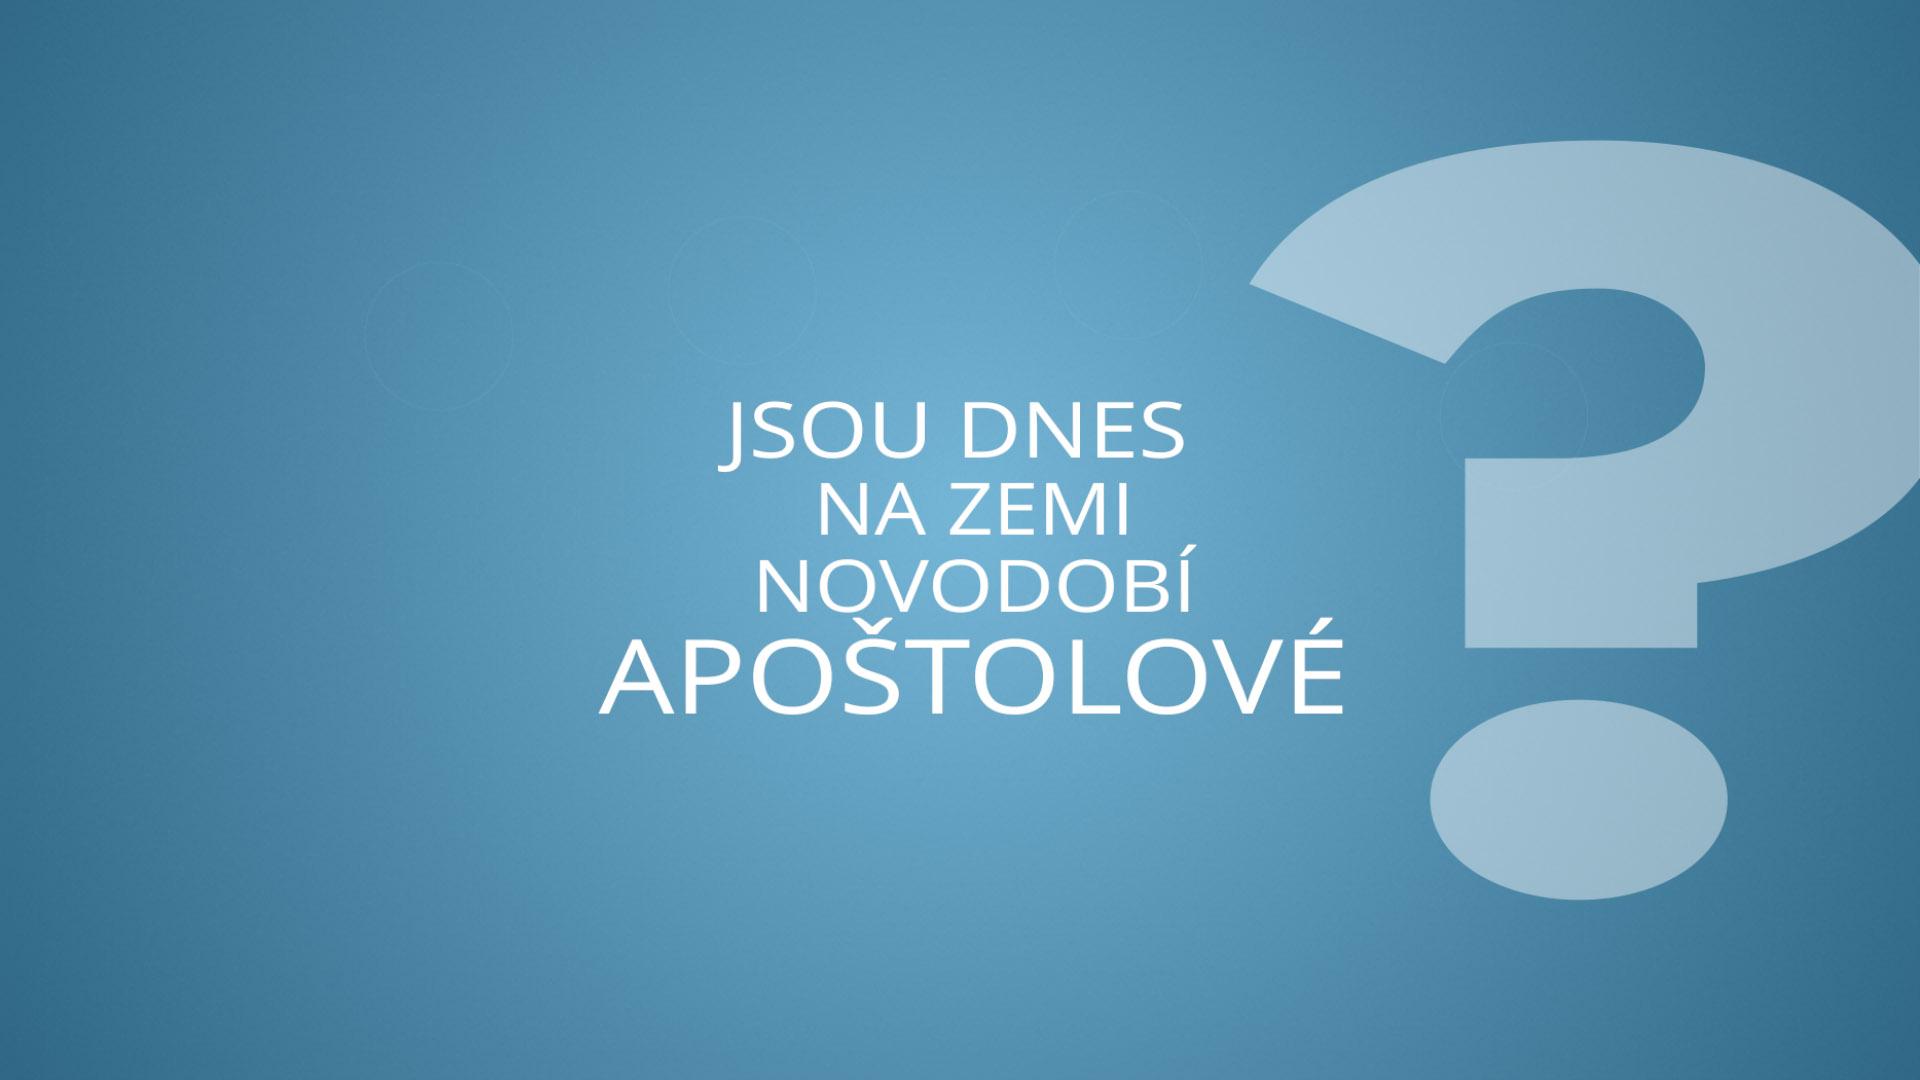 Jsou dnes na zemi novodobí apoštolové?